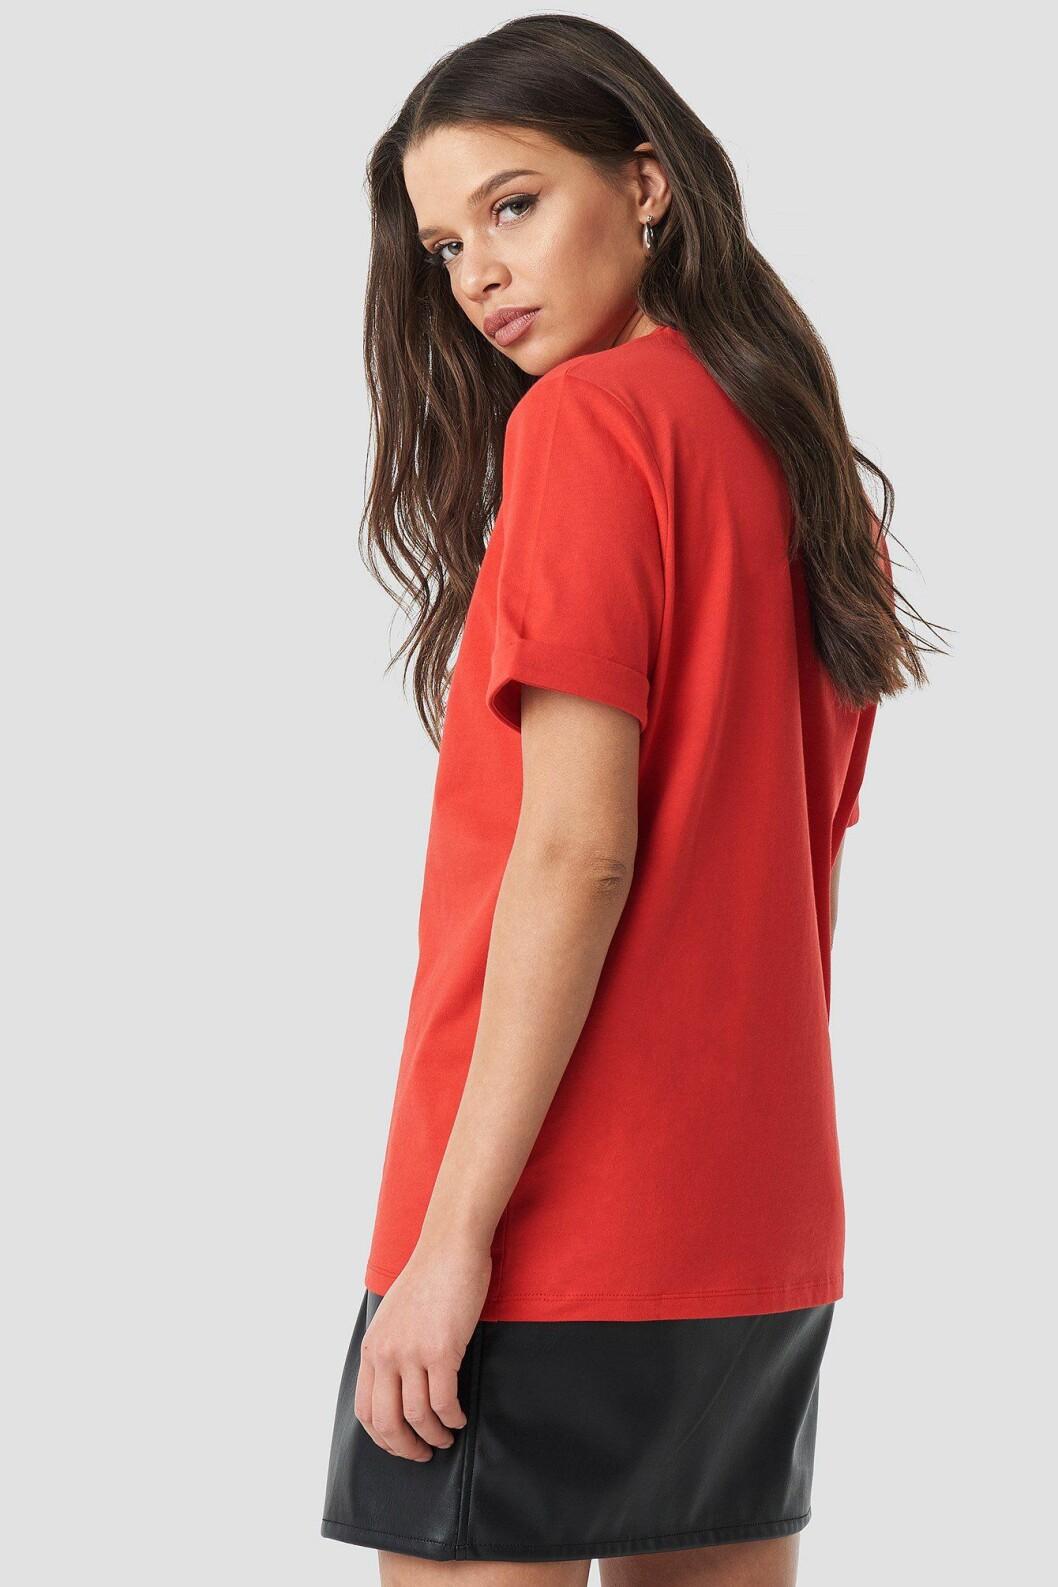 Linn Ahlborg Na-kd röd t-shirt